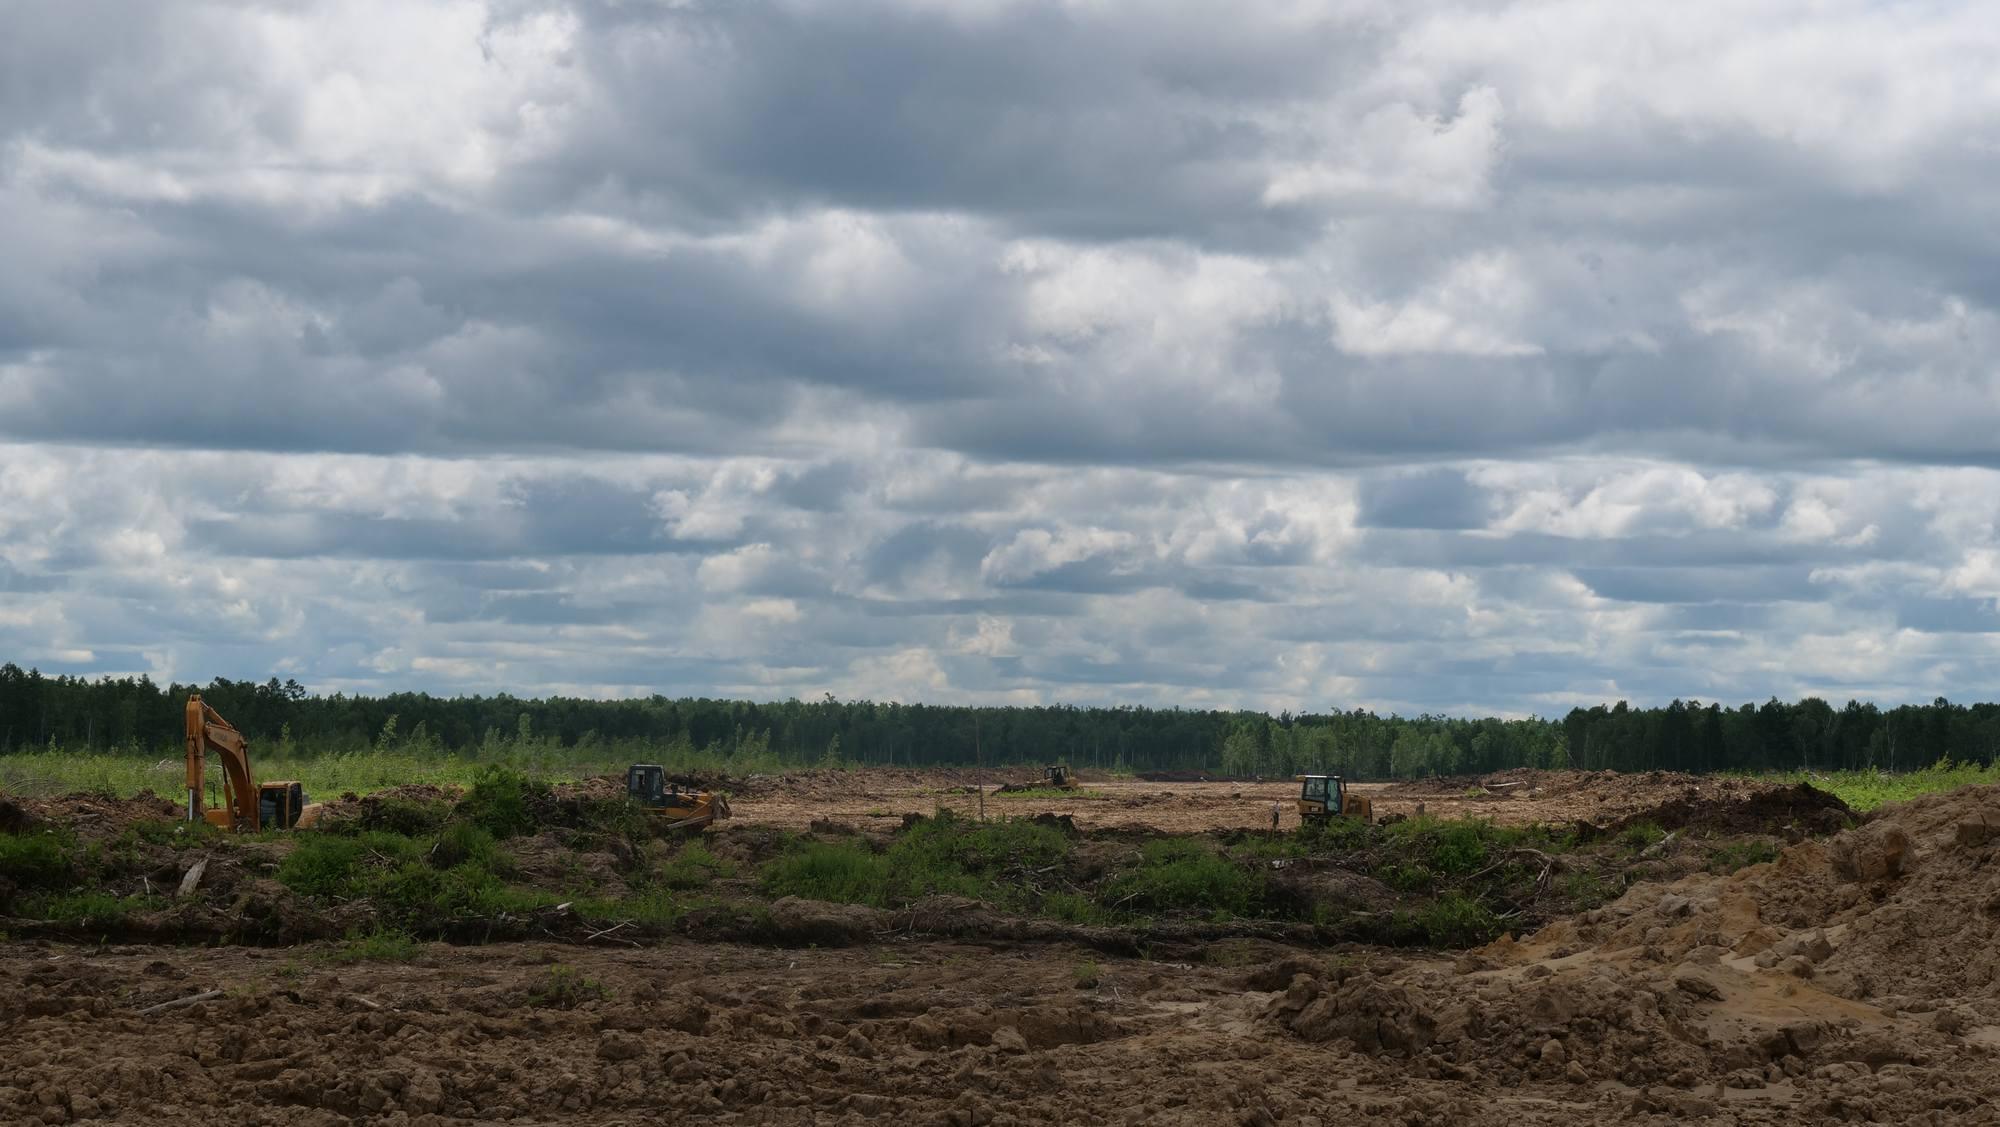 Les engins de terrassement s'activent en ce début juillet.